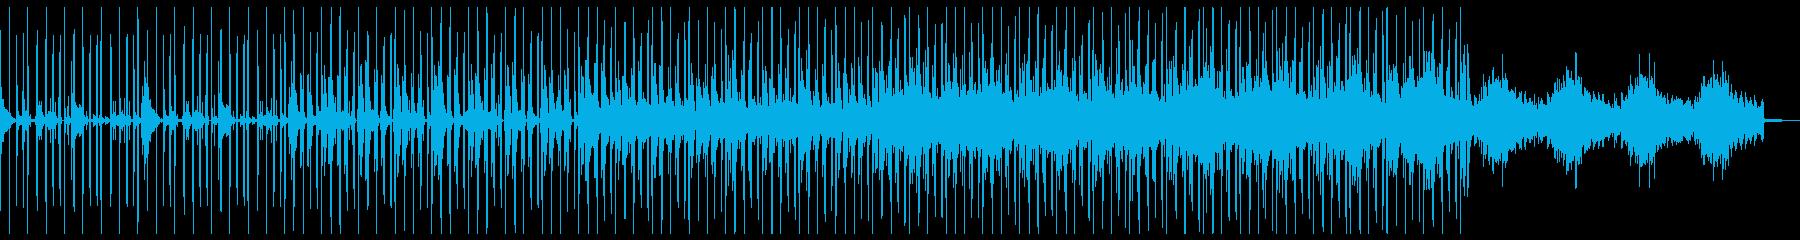 ローファイヒップホップ 和風 戦国の再生済みの波形